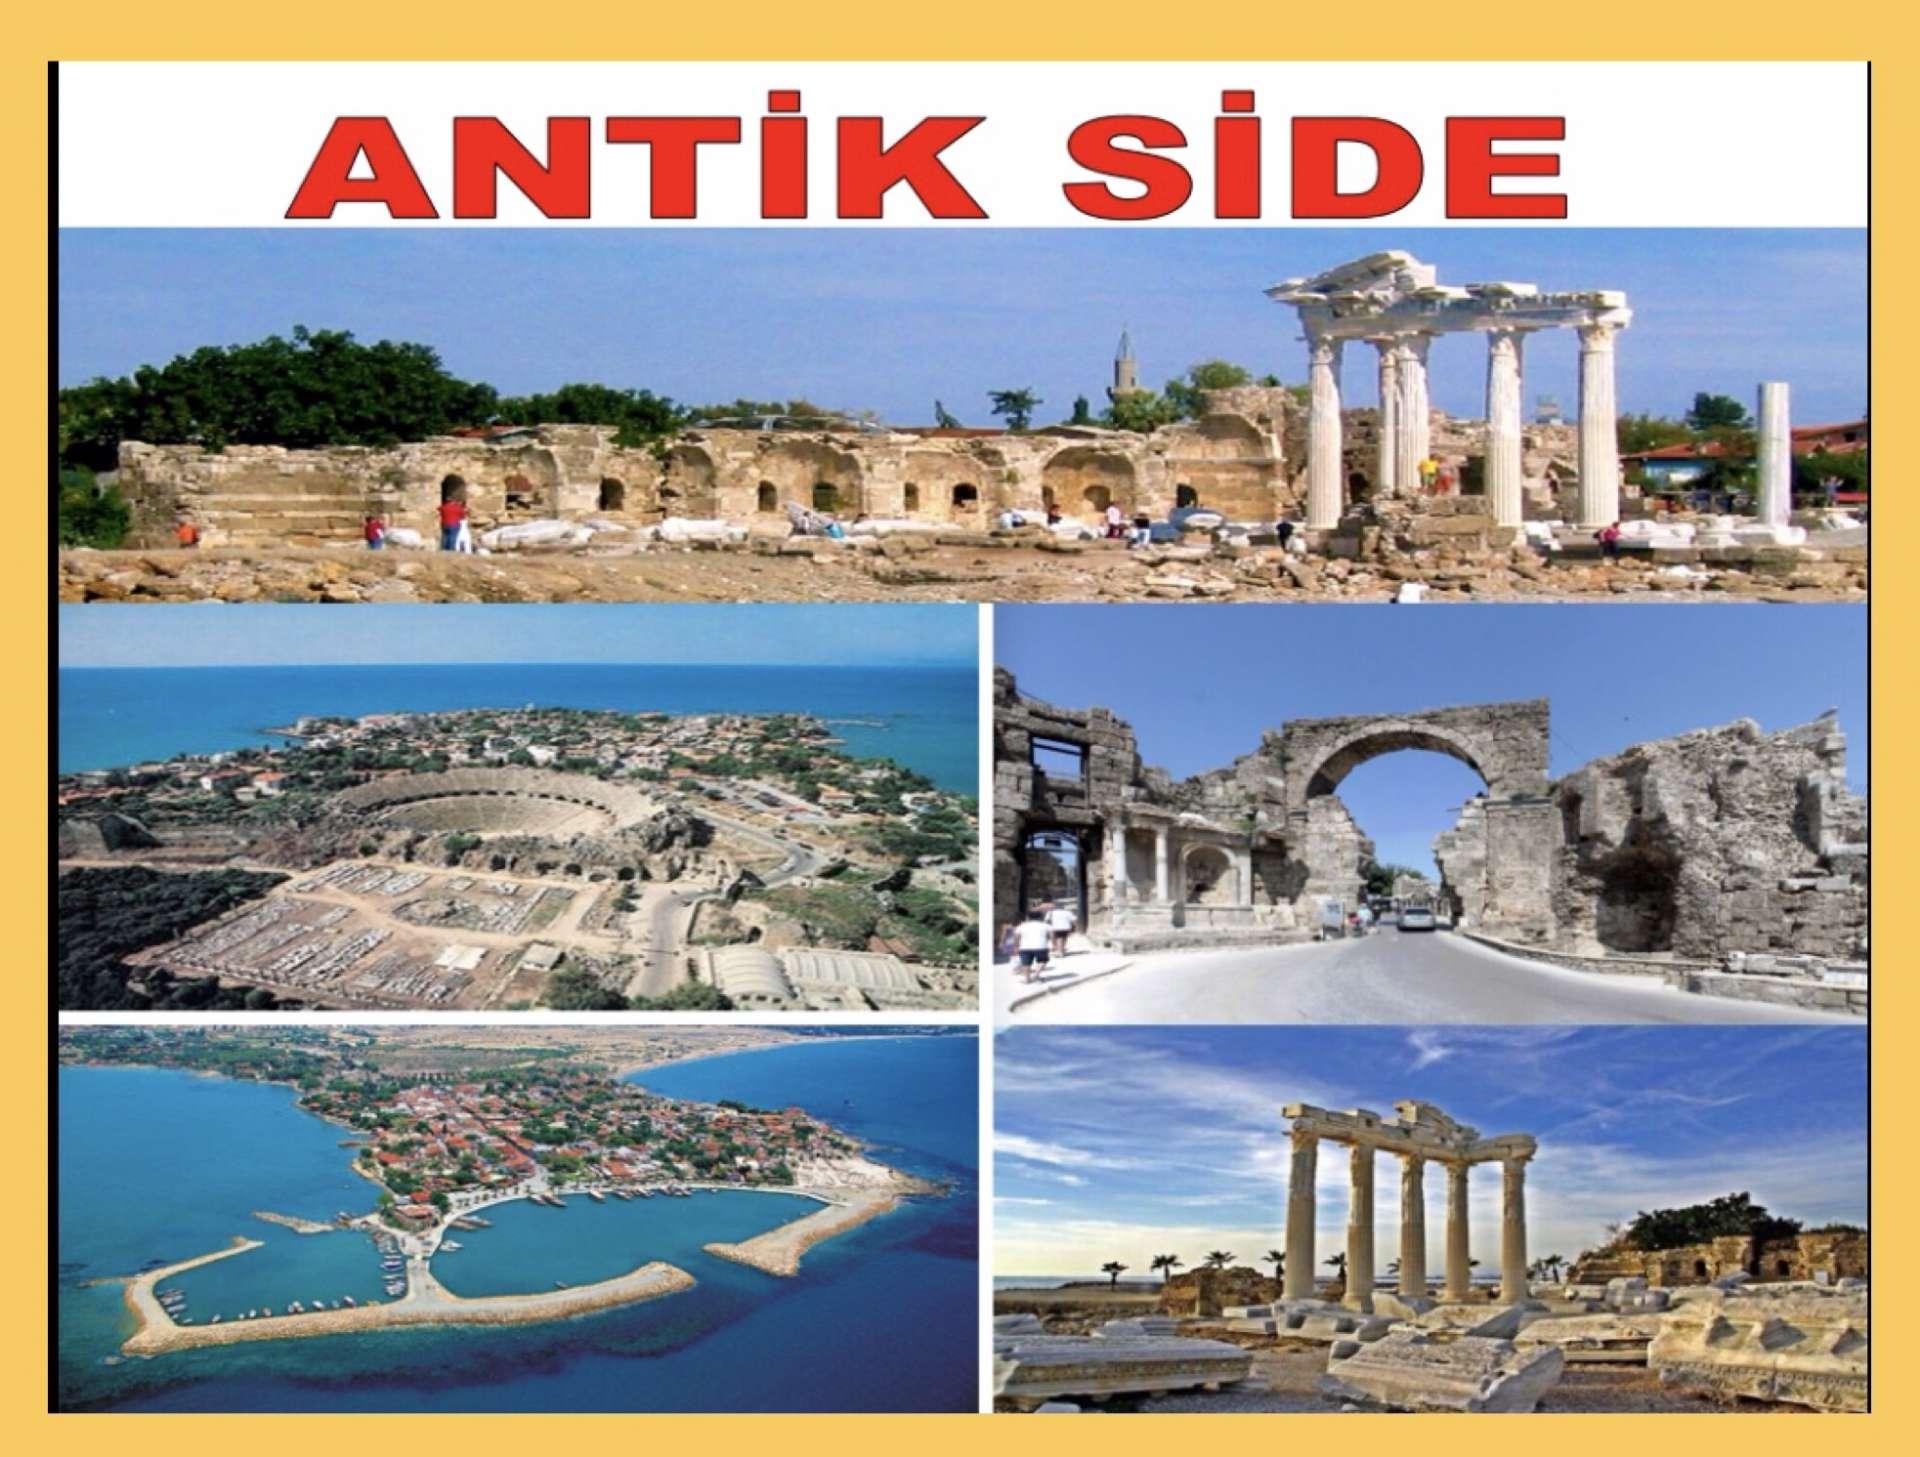 Antik Side